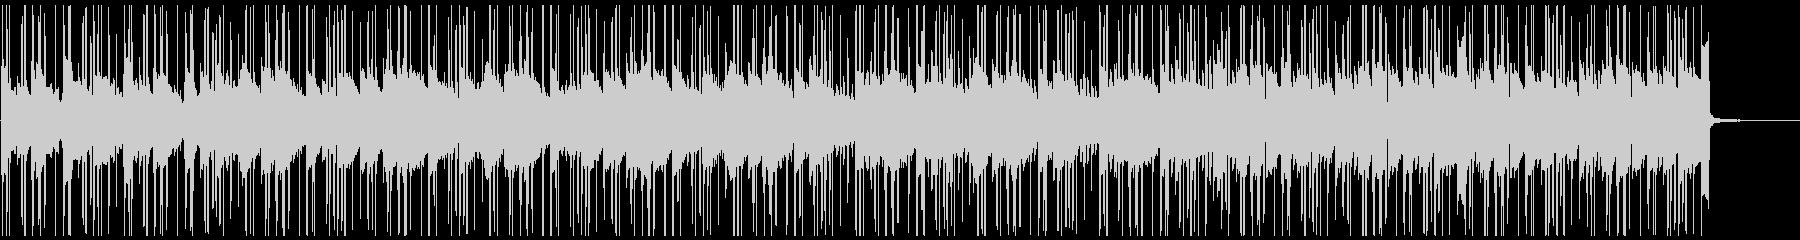 Lofiフルートの悲しいメロディBGMの未再生の波形